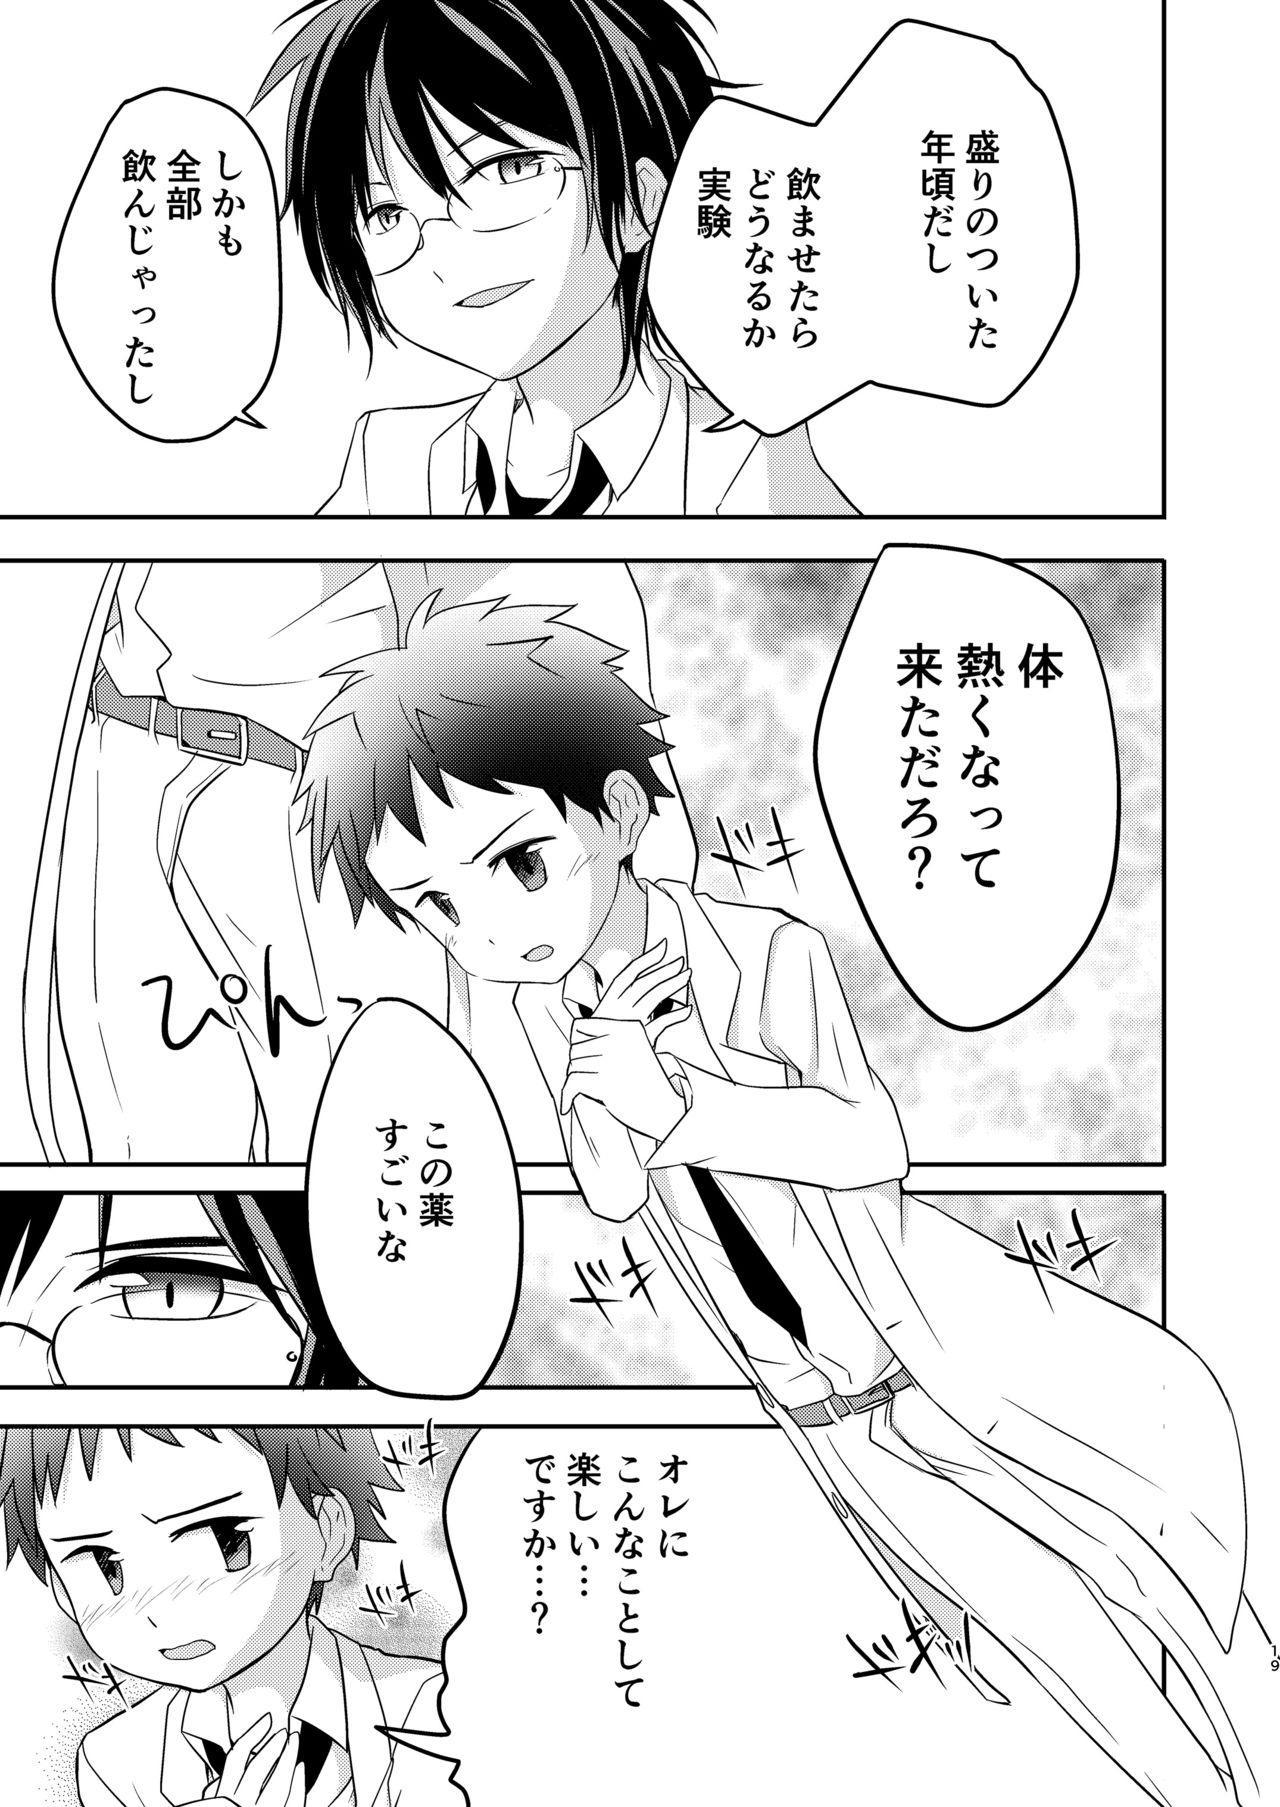 Kichiku Senpai o Yamenaide 18